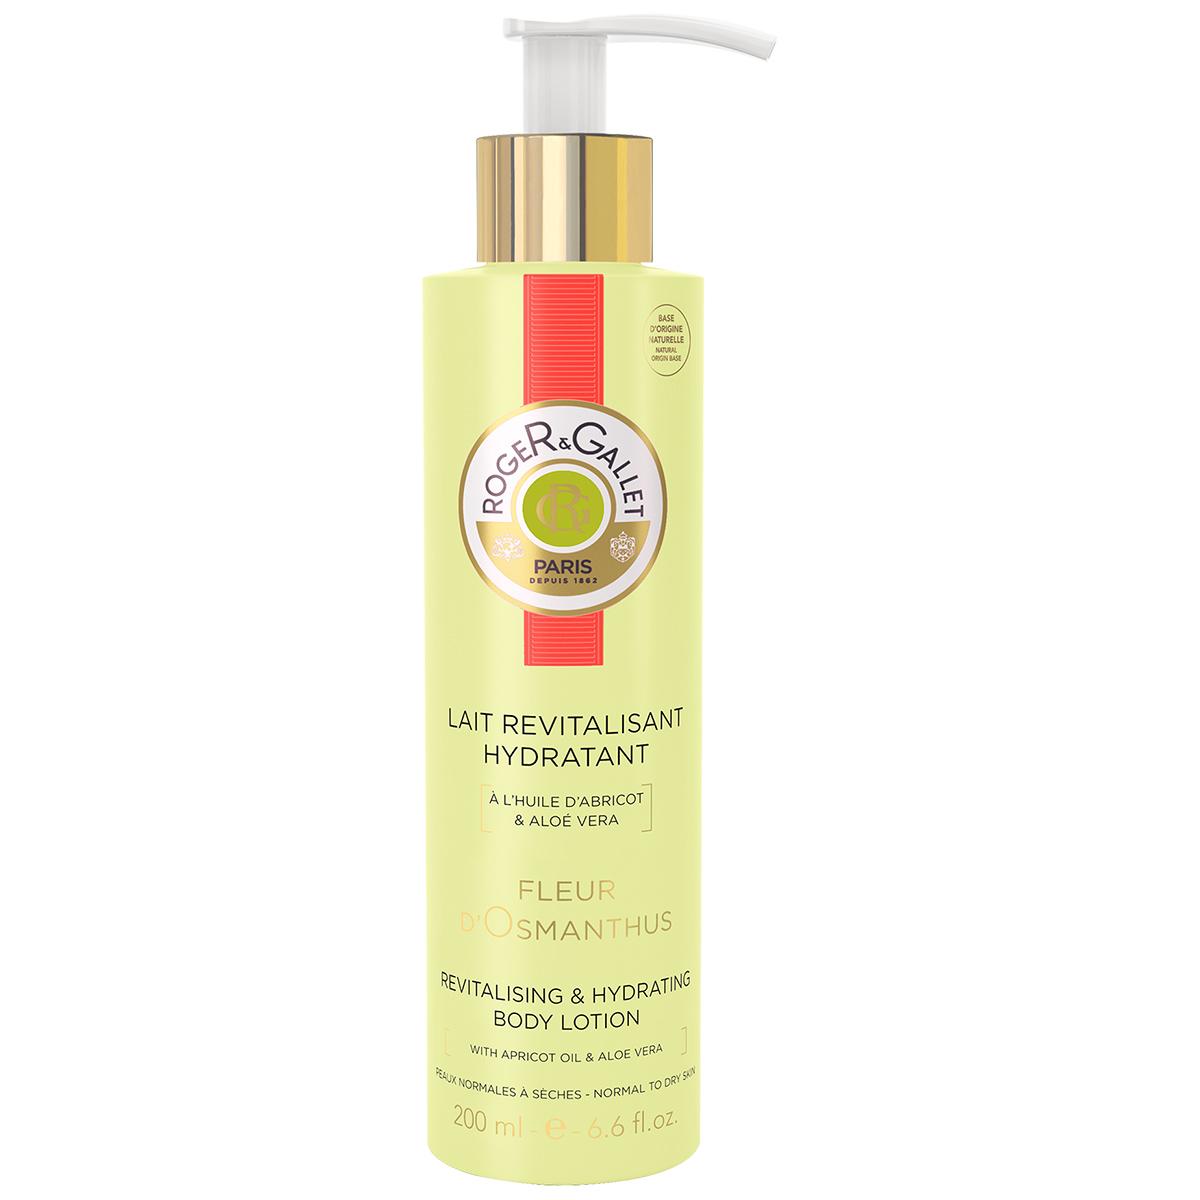 Roger&Gallet - Fleur d'Osmanthus - Lait Revitalisant Hydratant 200 ml